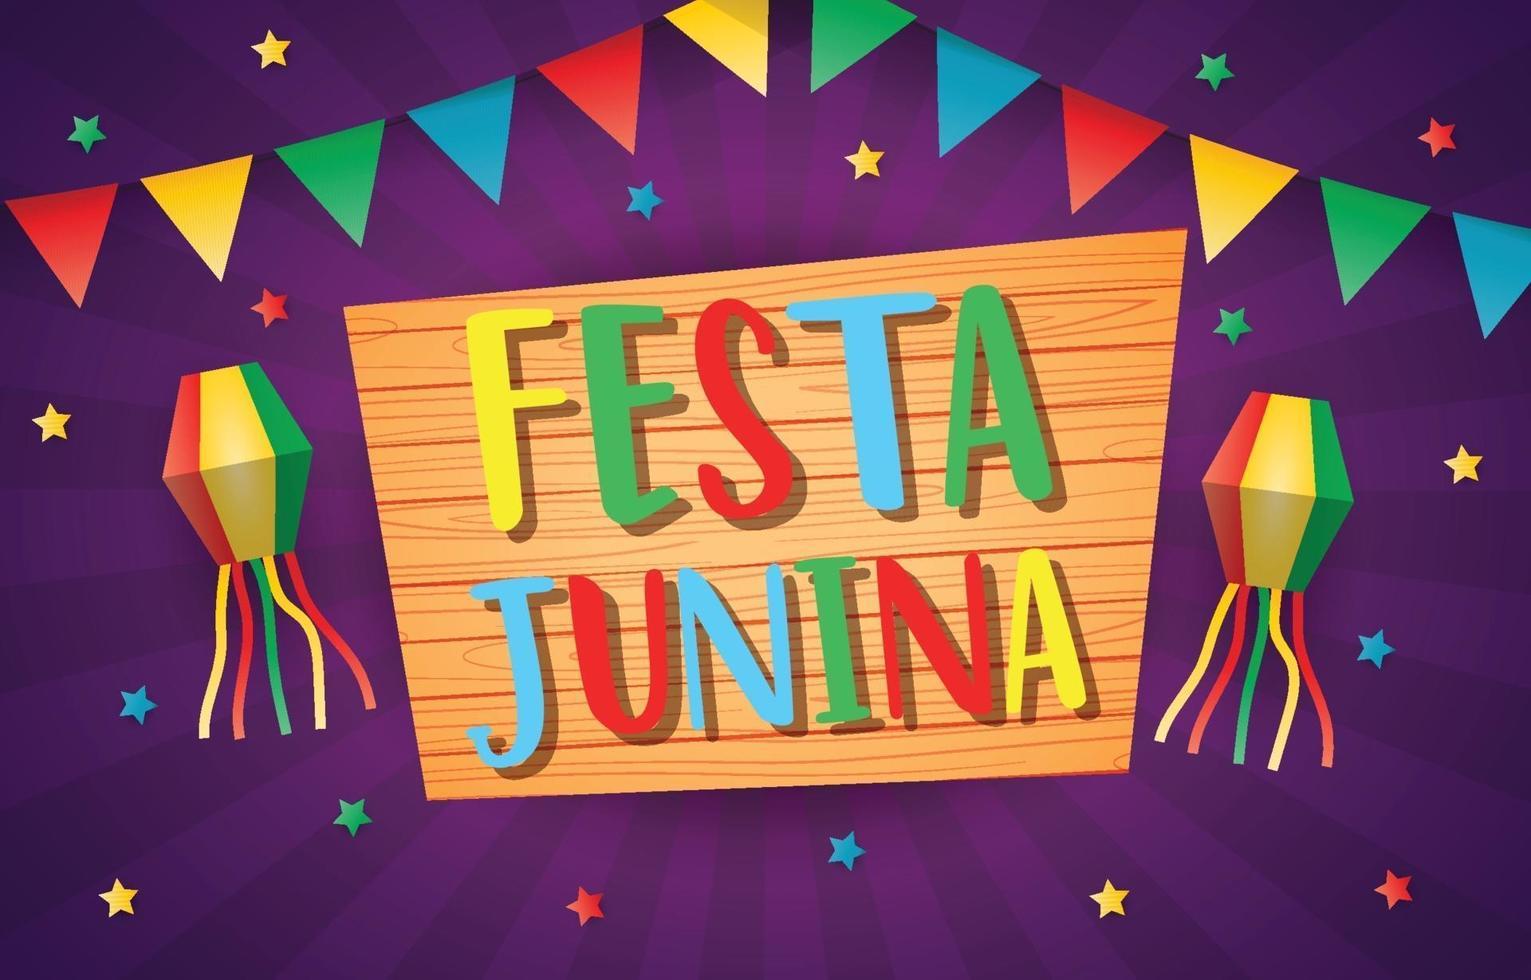 festa junina feest vector